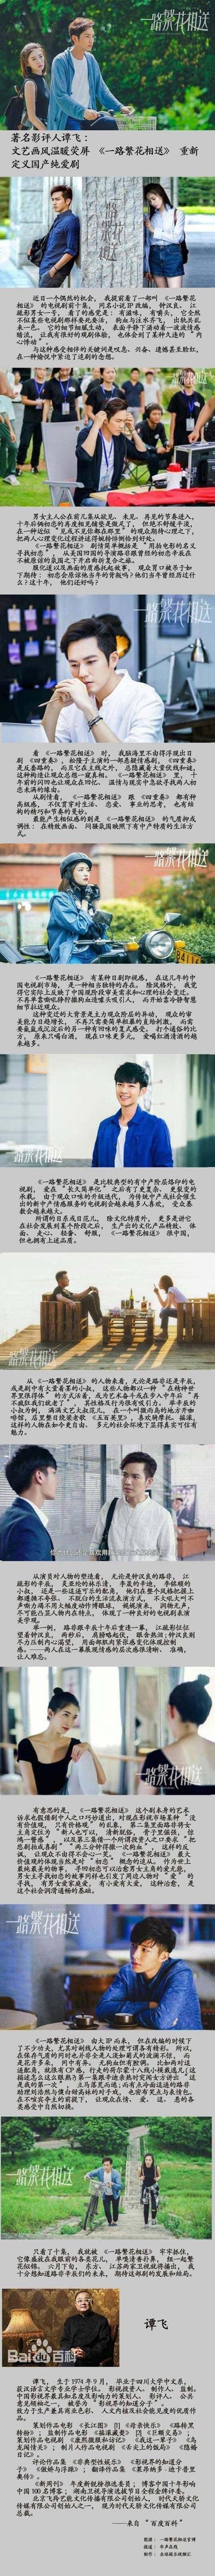 《恋爱先生》收官《一路繁花相送》开播 江疏影撩完靳东撩钟汉良